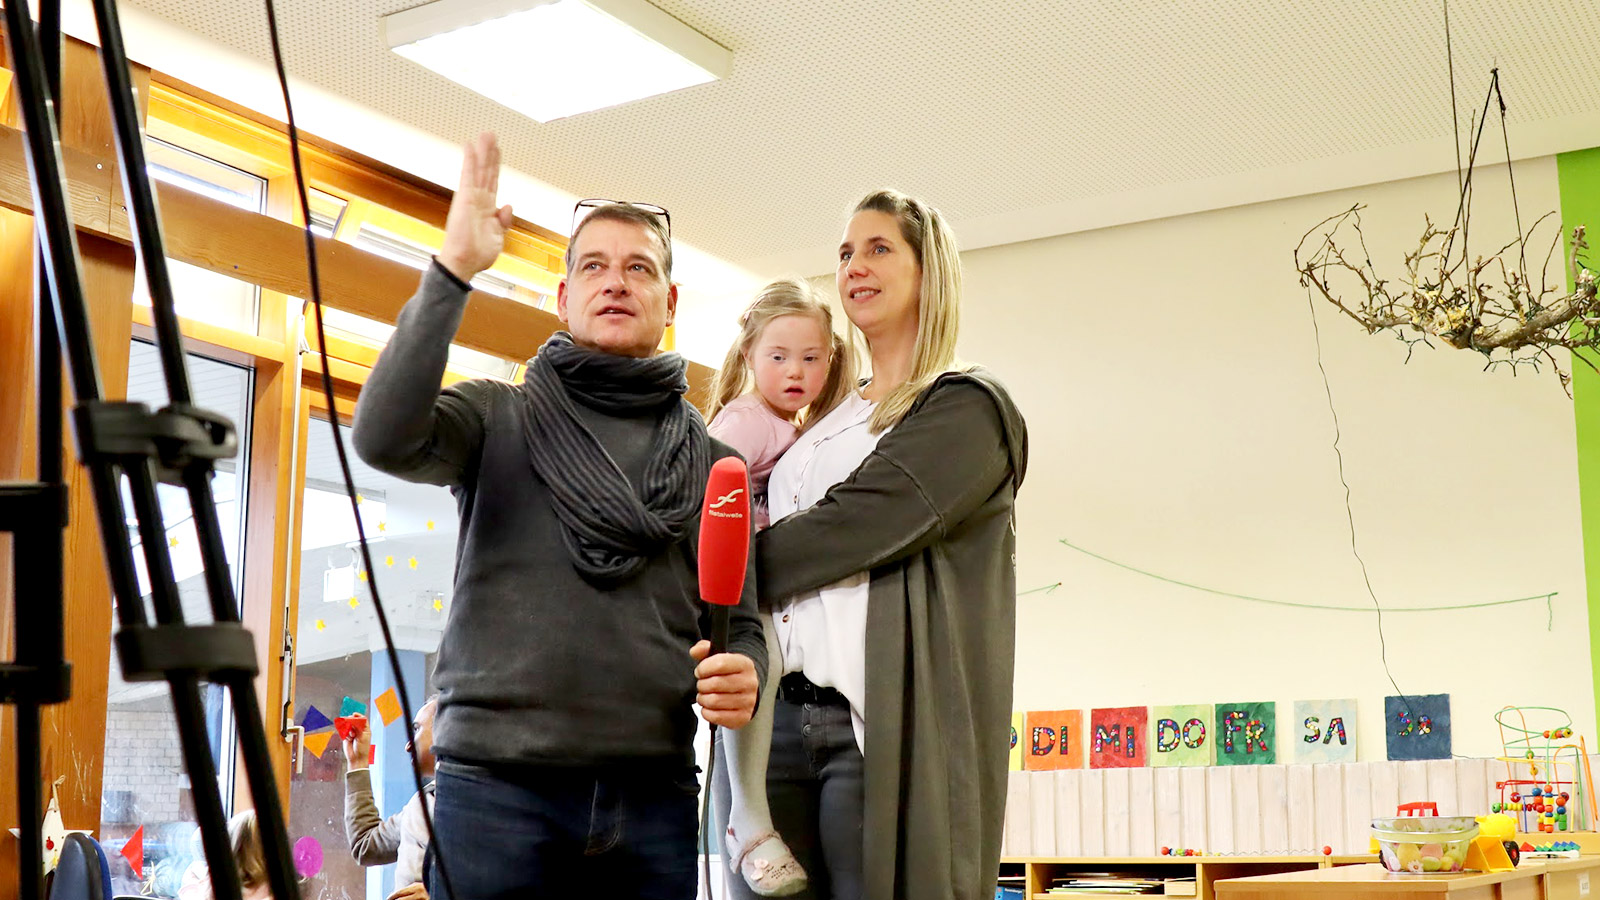 Filstalwelle berichtet über die Spendenübergabe im Kindergarten Arche Noah